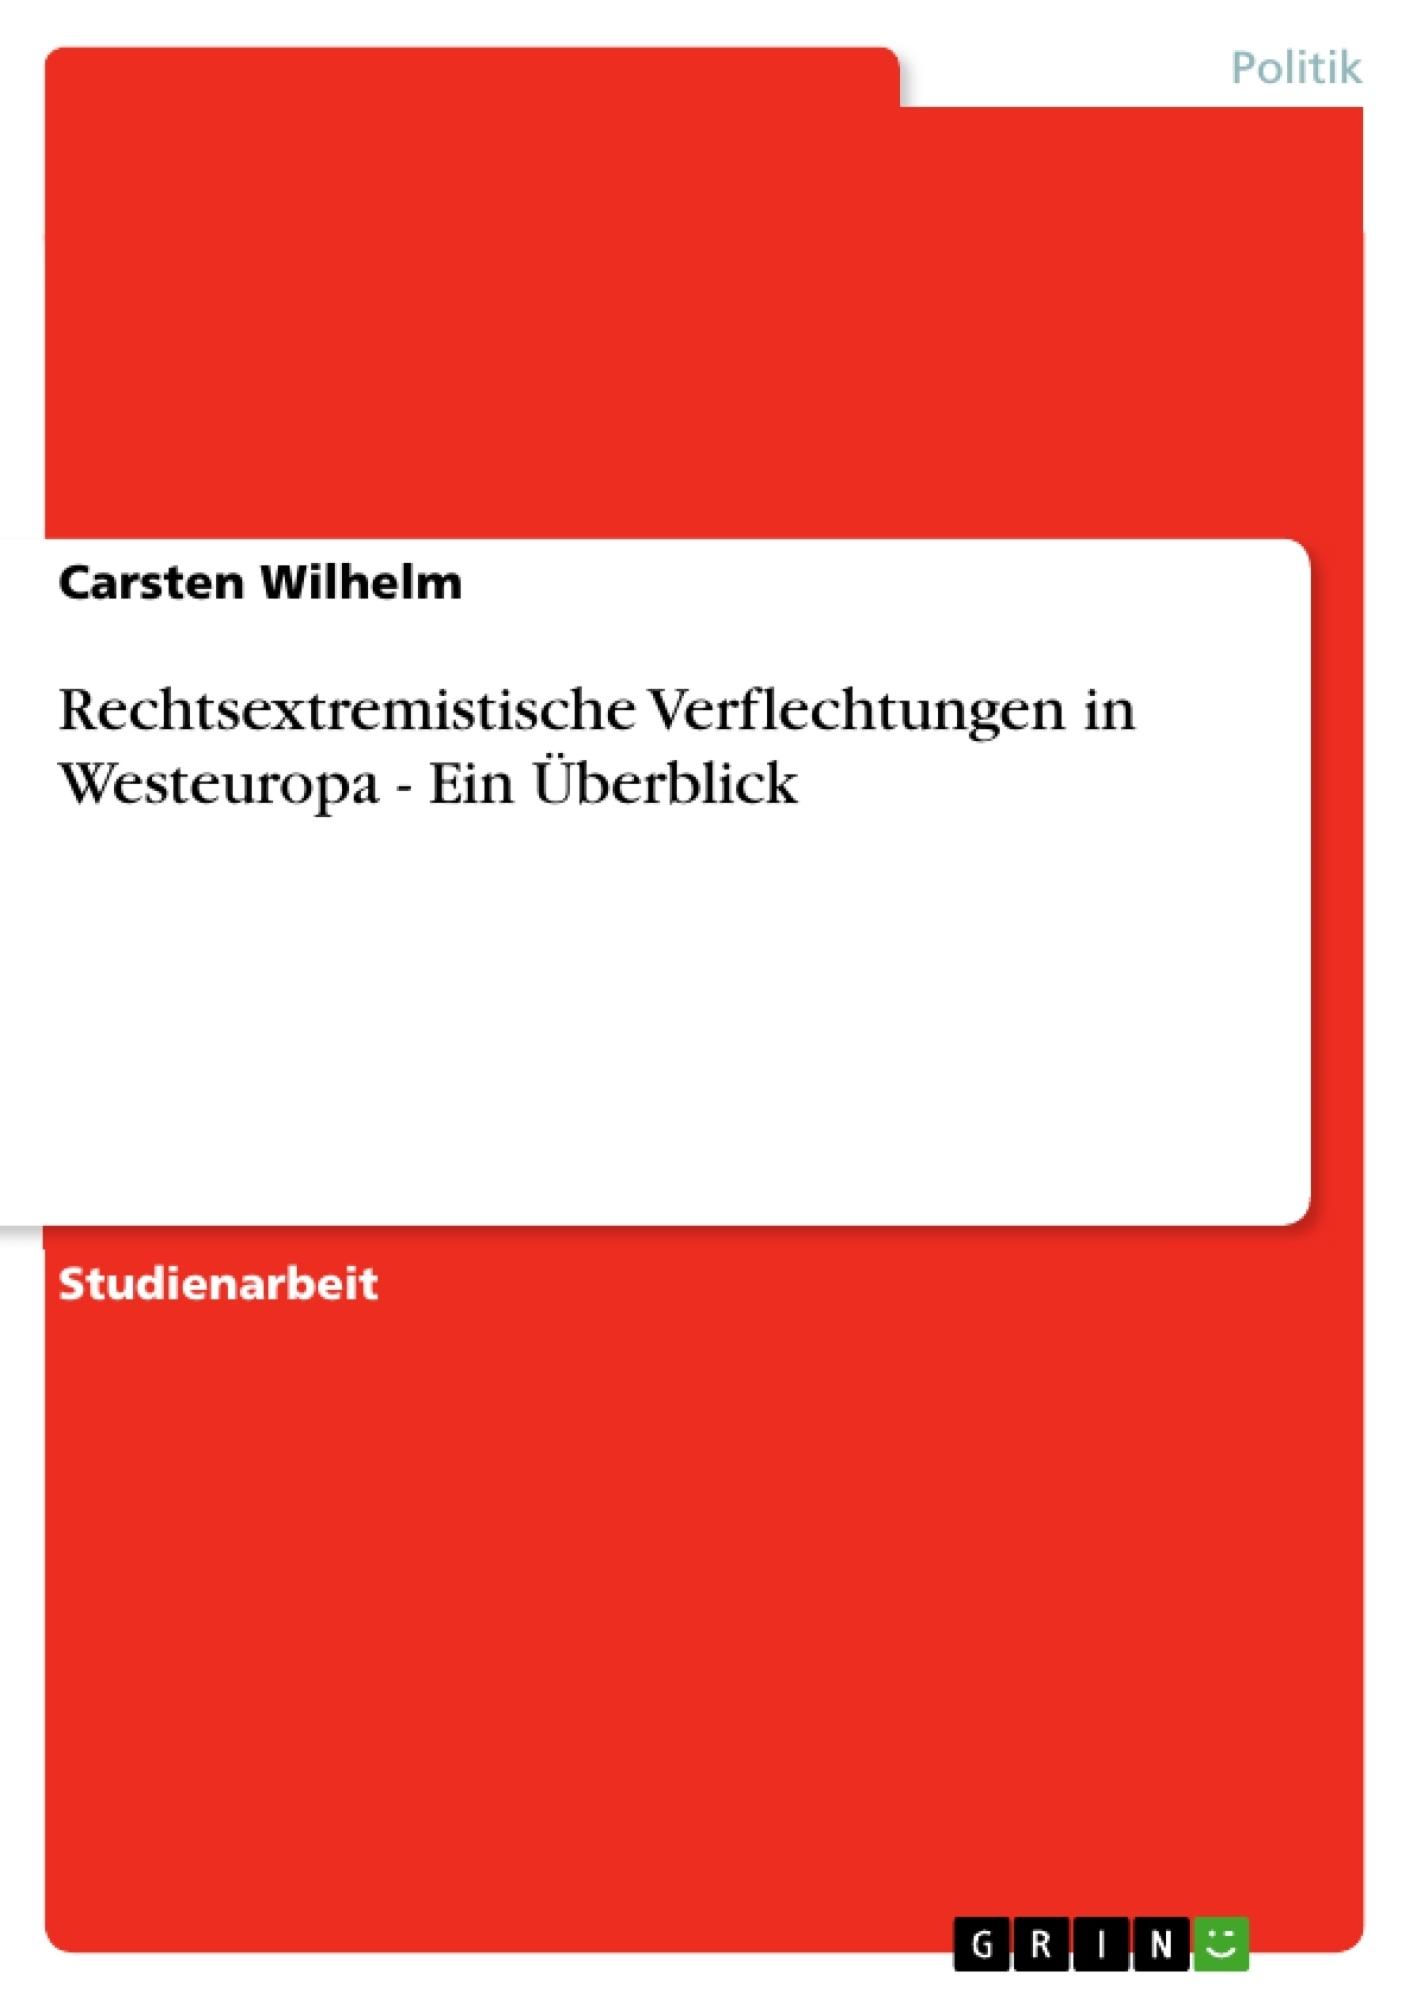 Titel: Rechtsextremistische Verflechtungen in Westeuropa - Ein Überblick